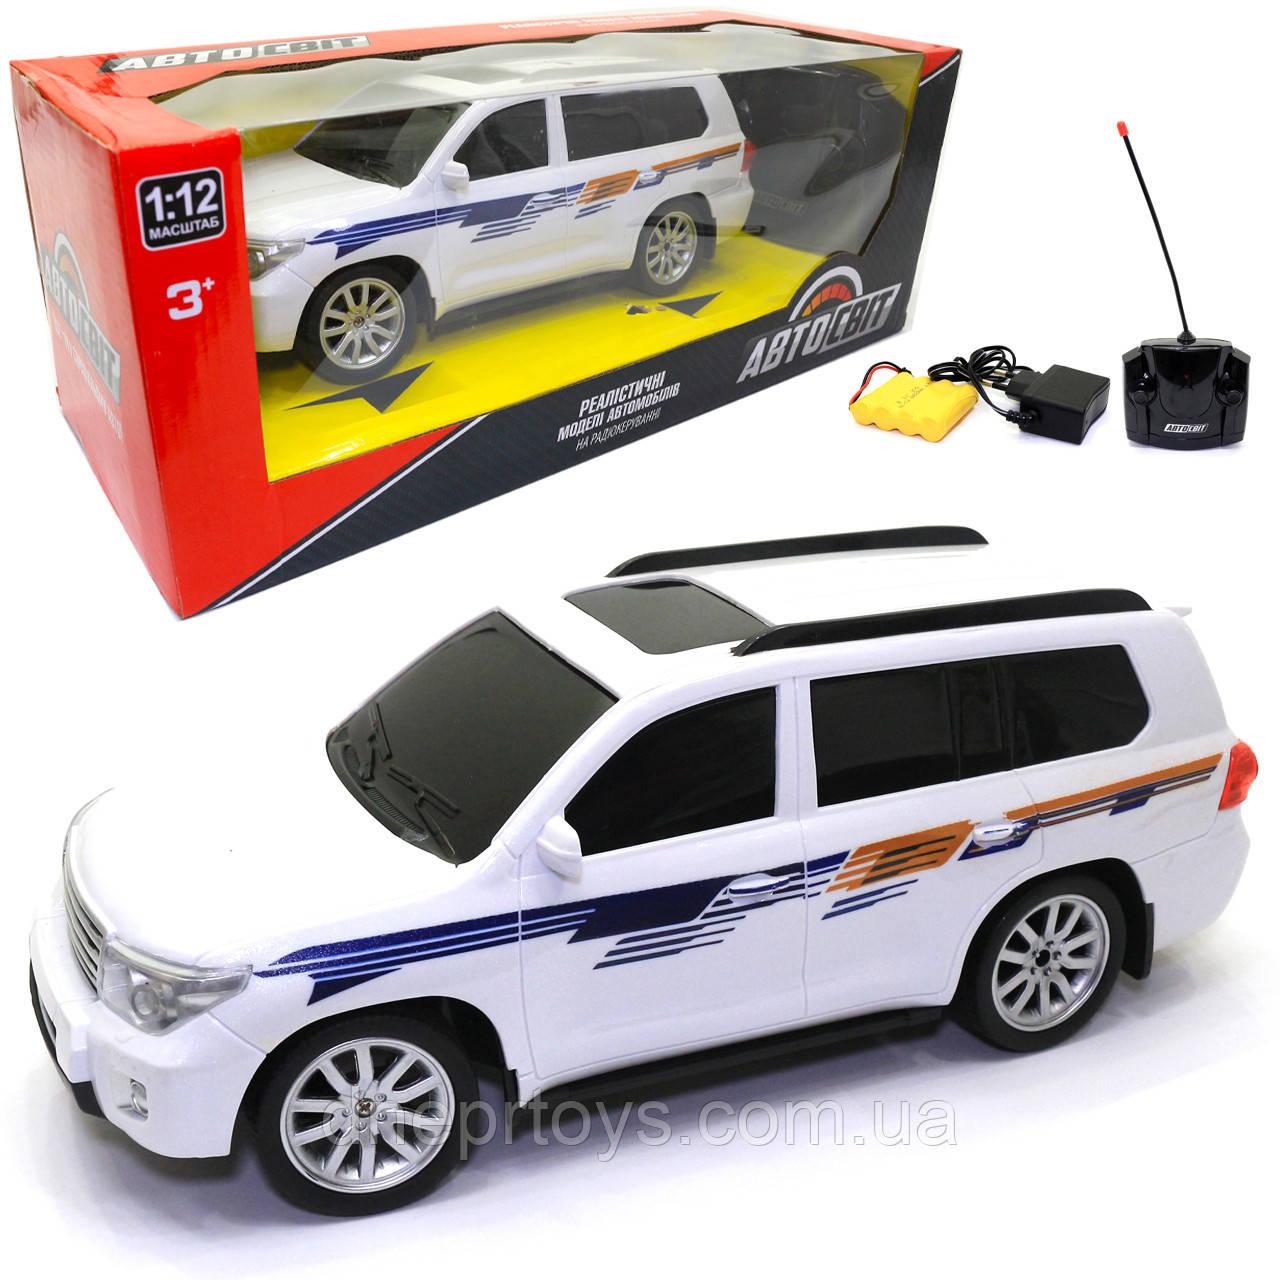 Іграшкова машинка на радіоуправлінні АвтоСвіт «Lexus» джип білий, світло, звук 30*11*13 см (AS-2364)